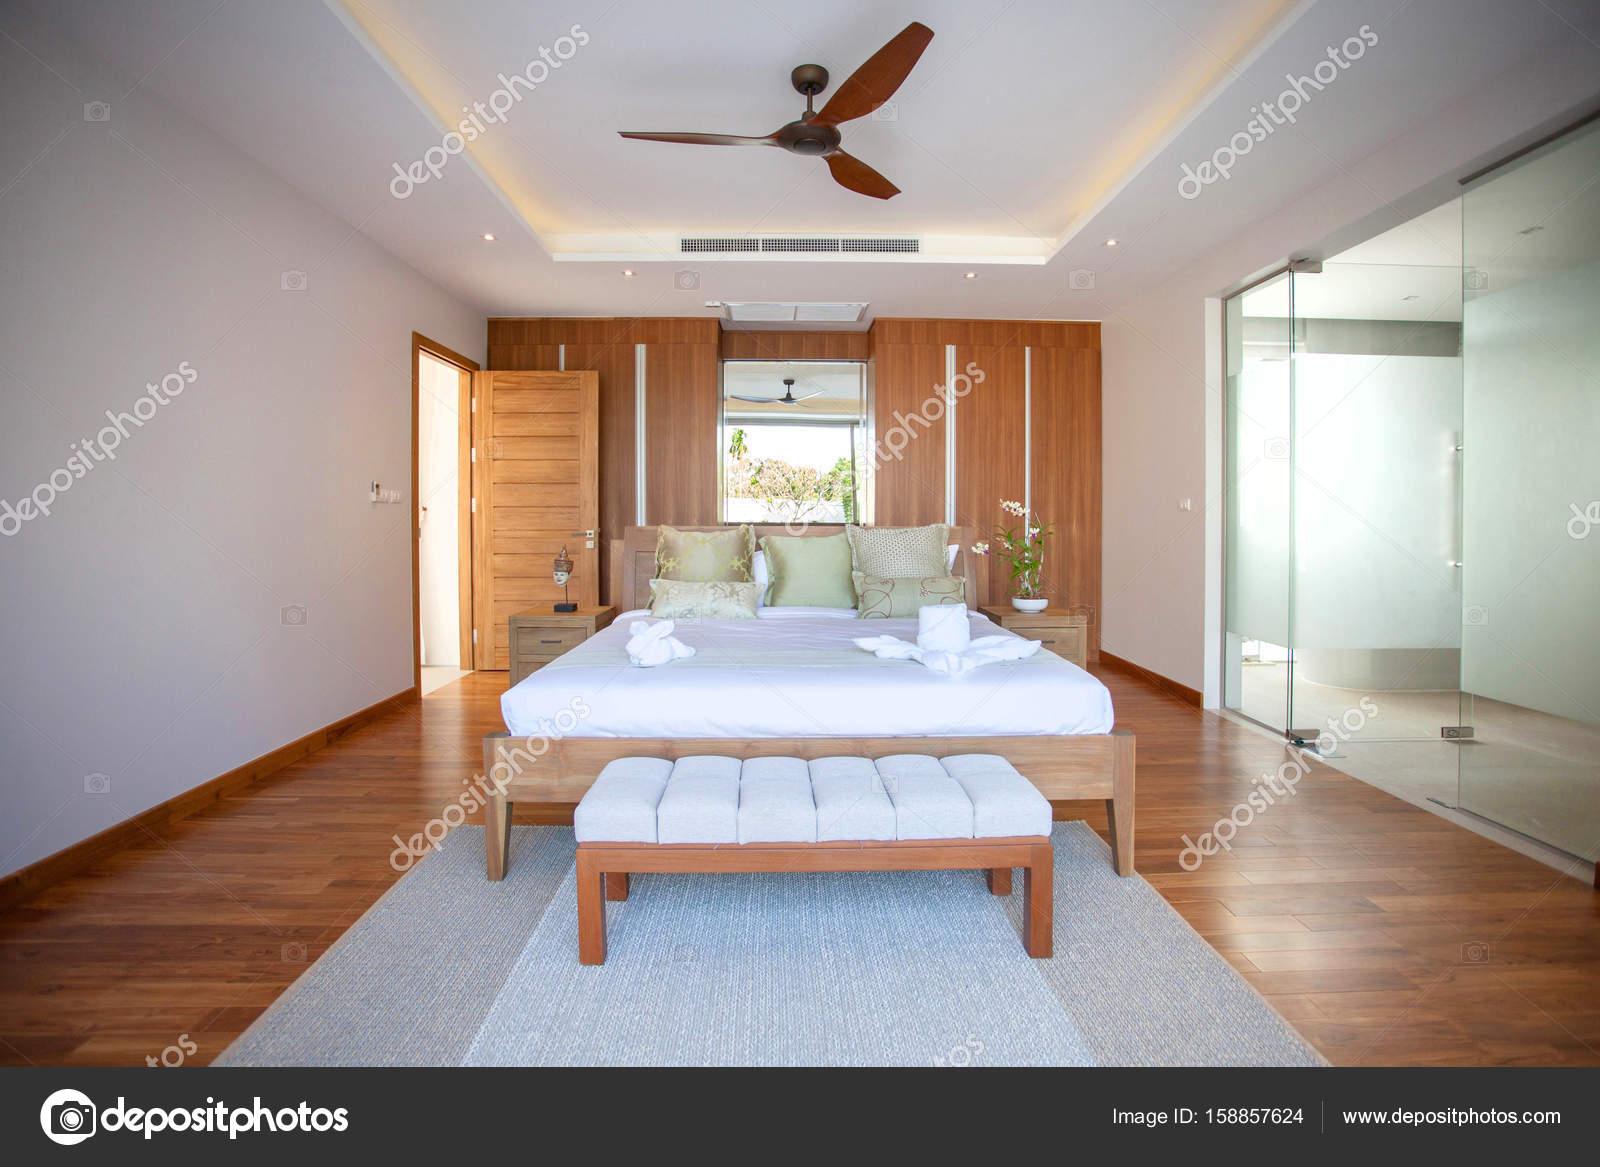 Letto Luxury Interior design in camera da letto della villa con ...